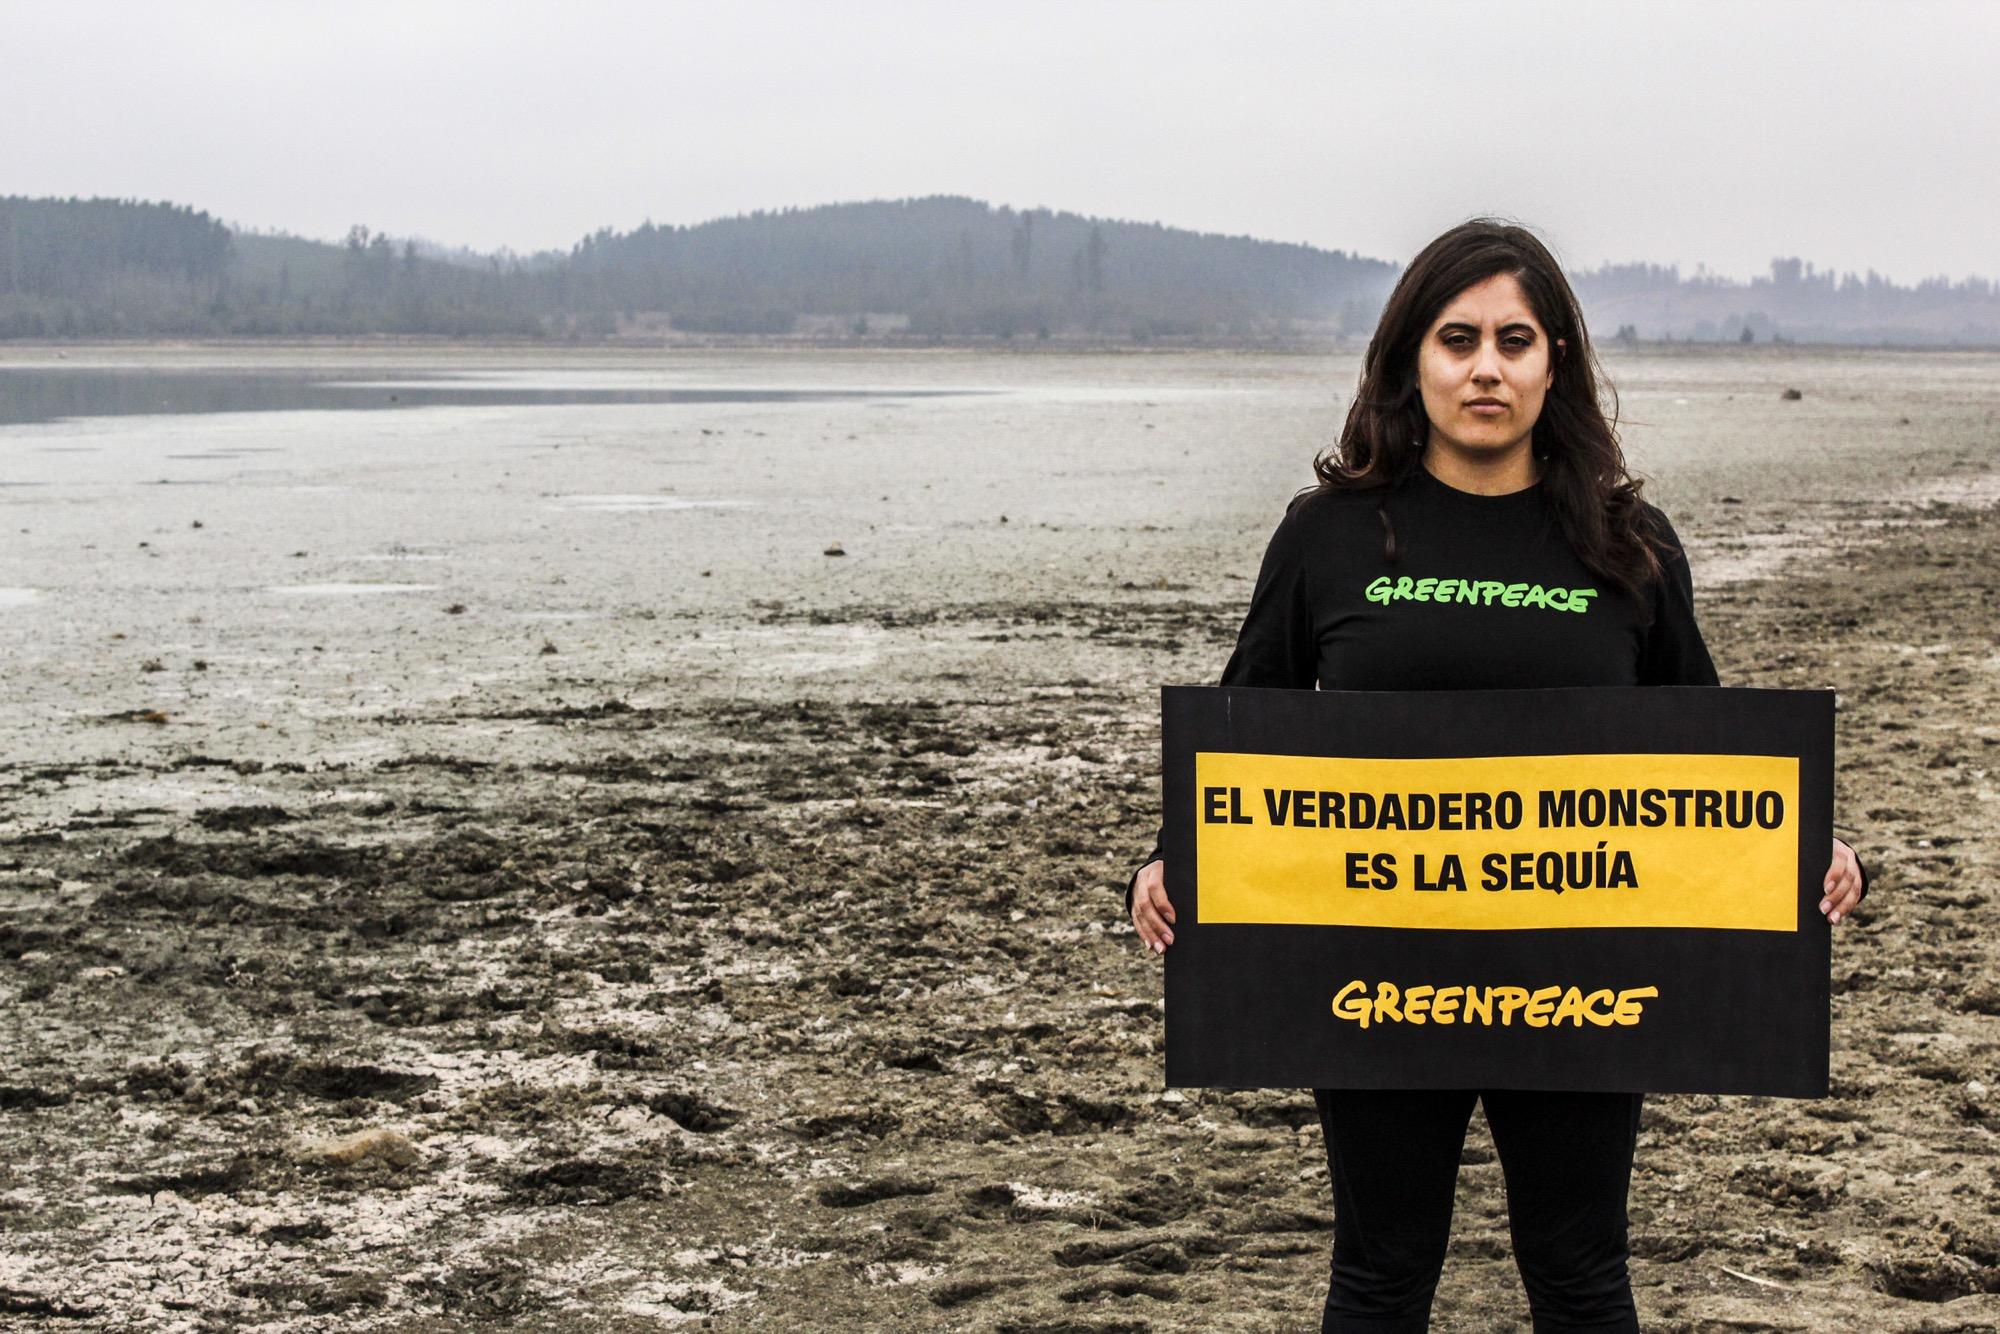 Greenpeace alerta sobre la sequía que afecta al lago Peñuelas y al embalse Los Aromos